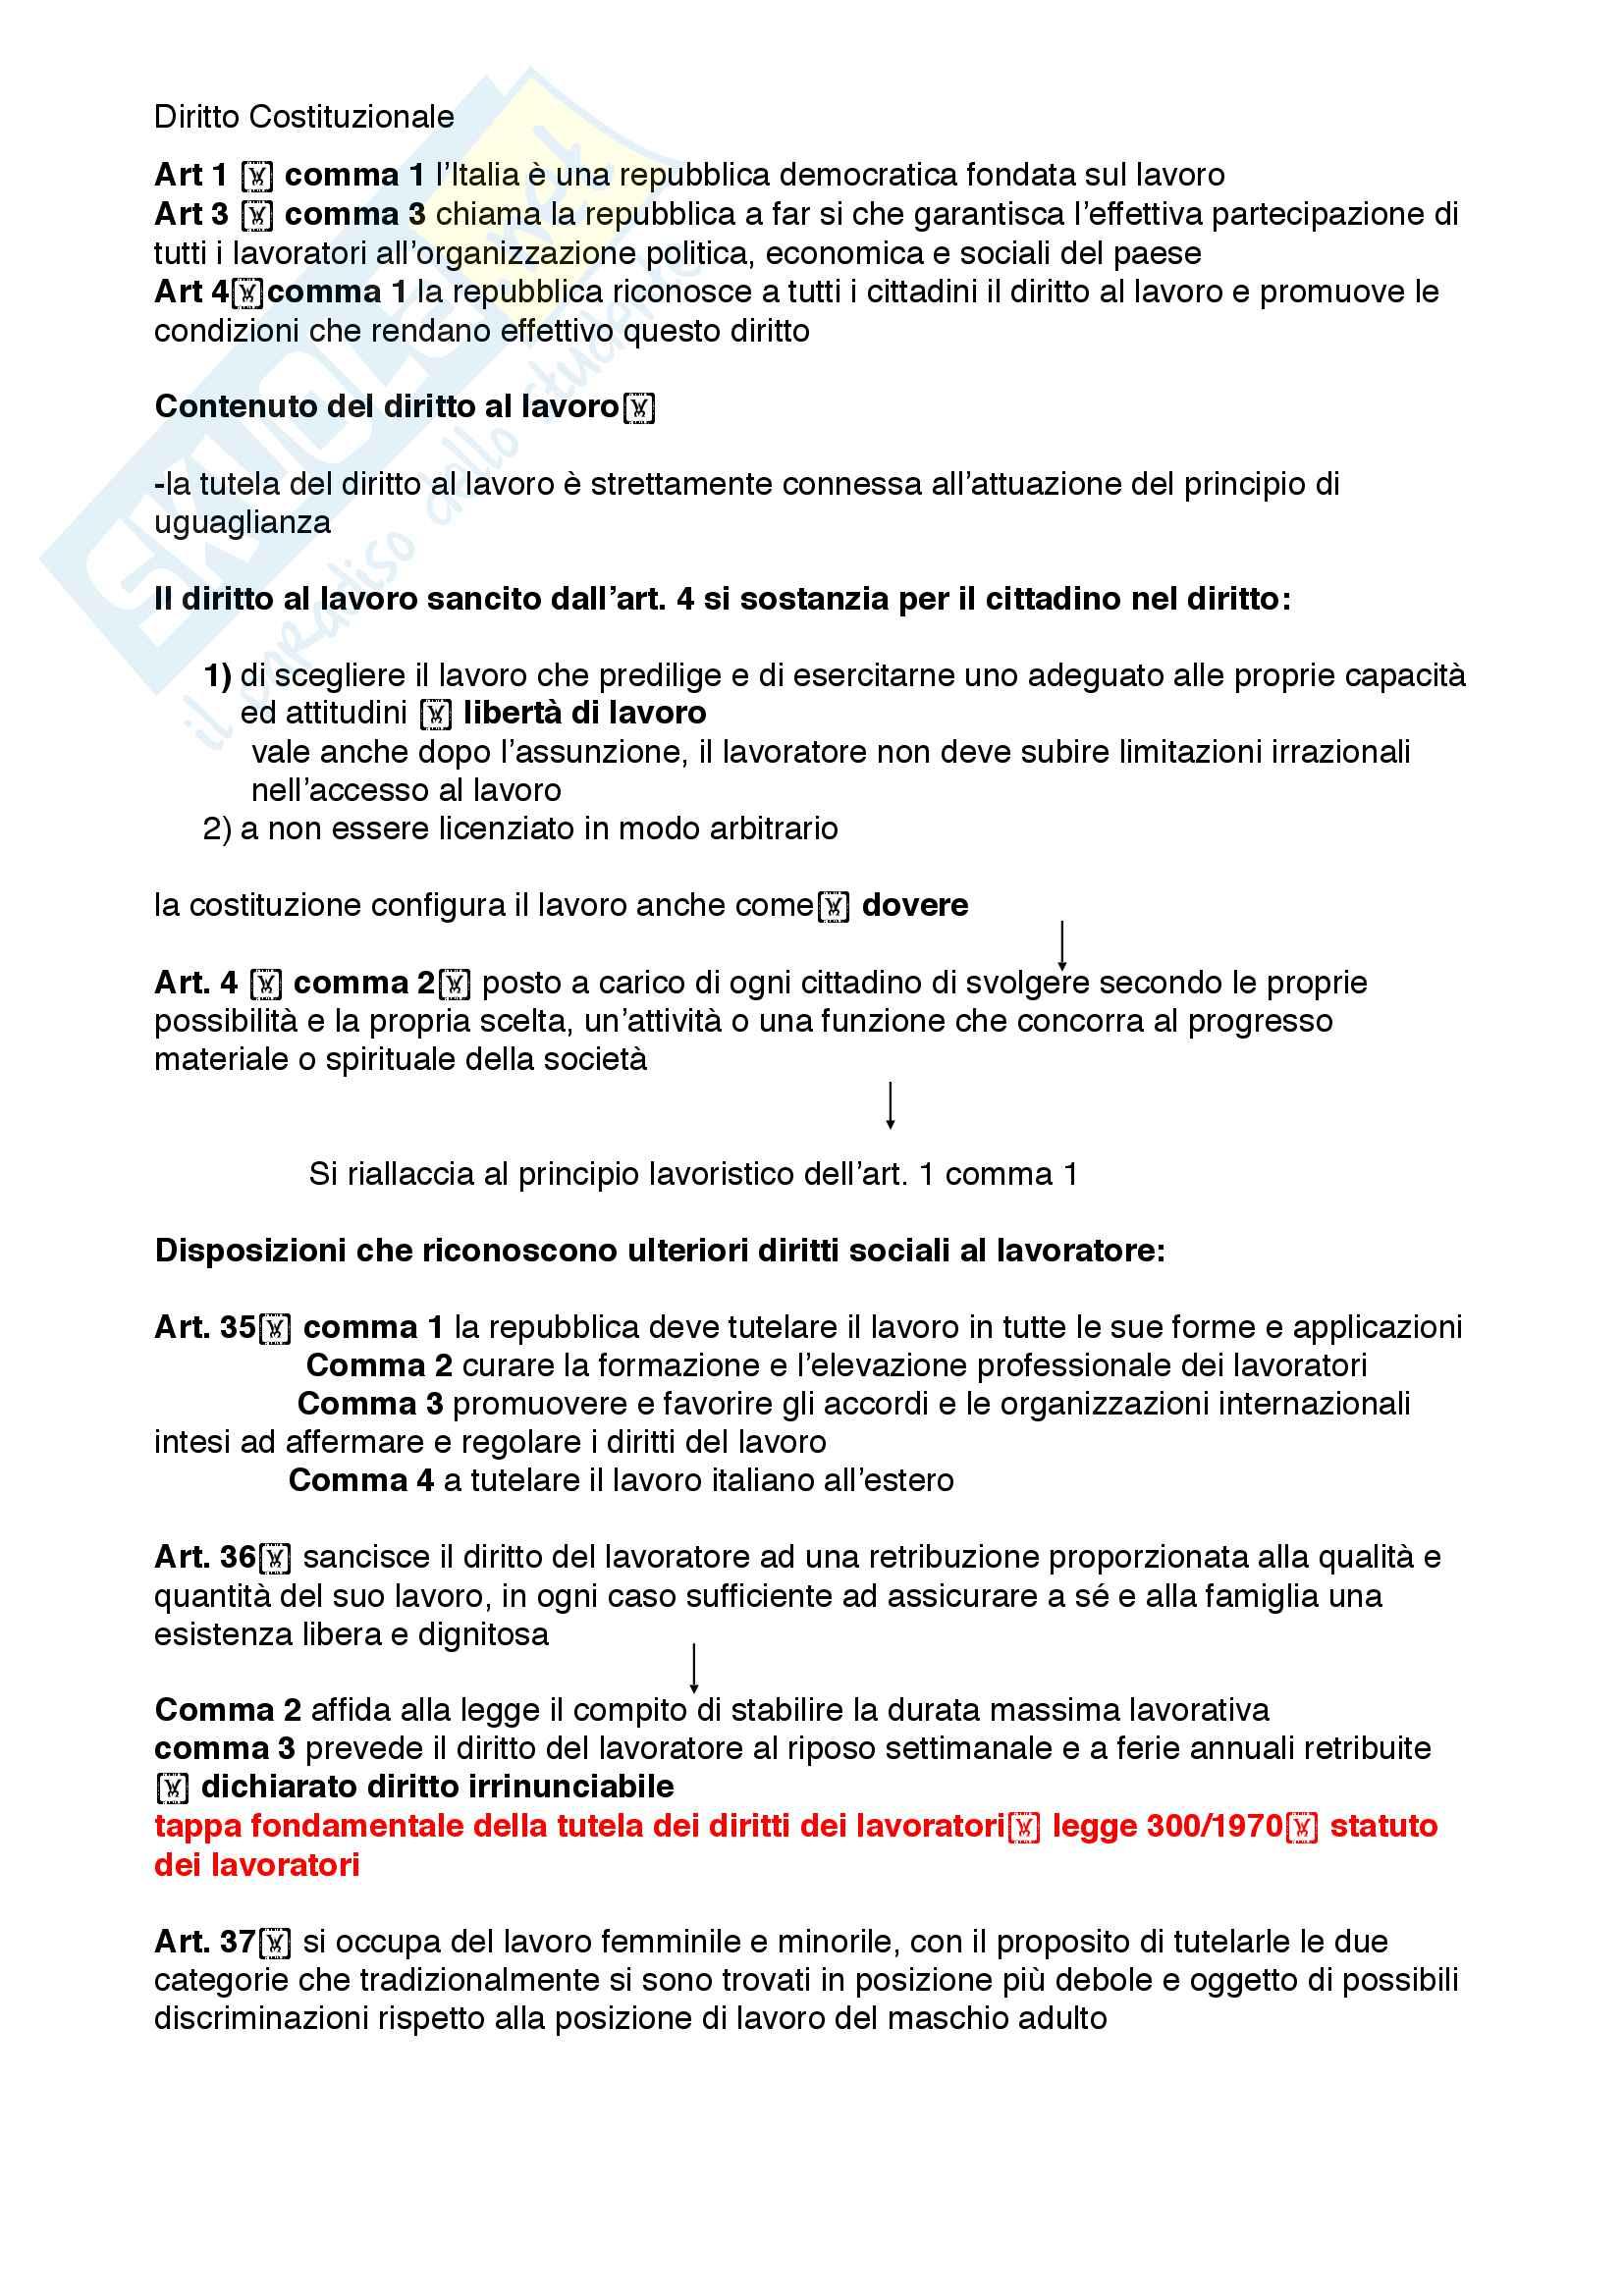 Riassunto esame diritto costituzionale, prof. Mezzetti, libro consigliato Manuale breve di diritto costituzionale Pag. 61